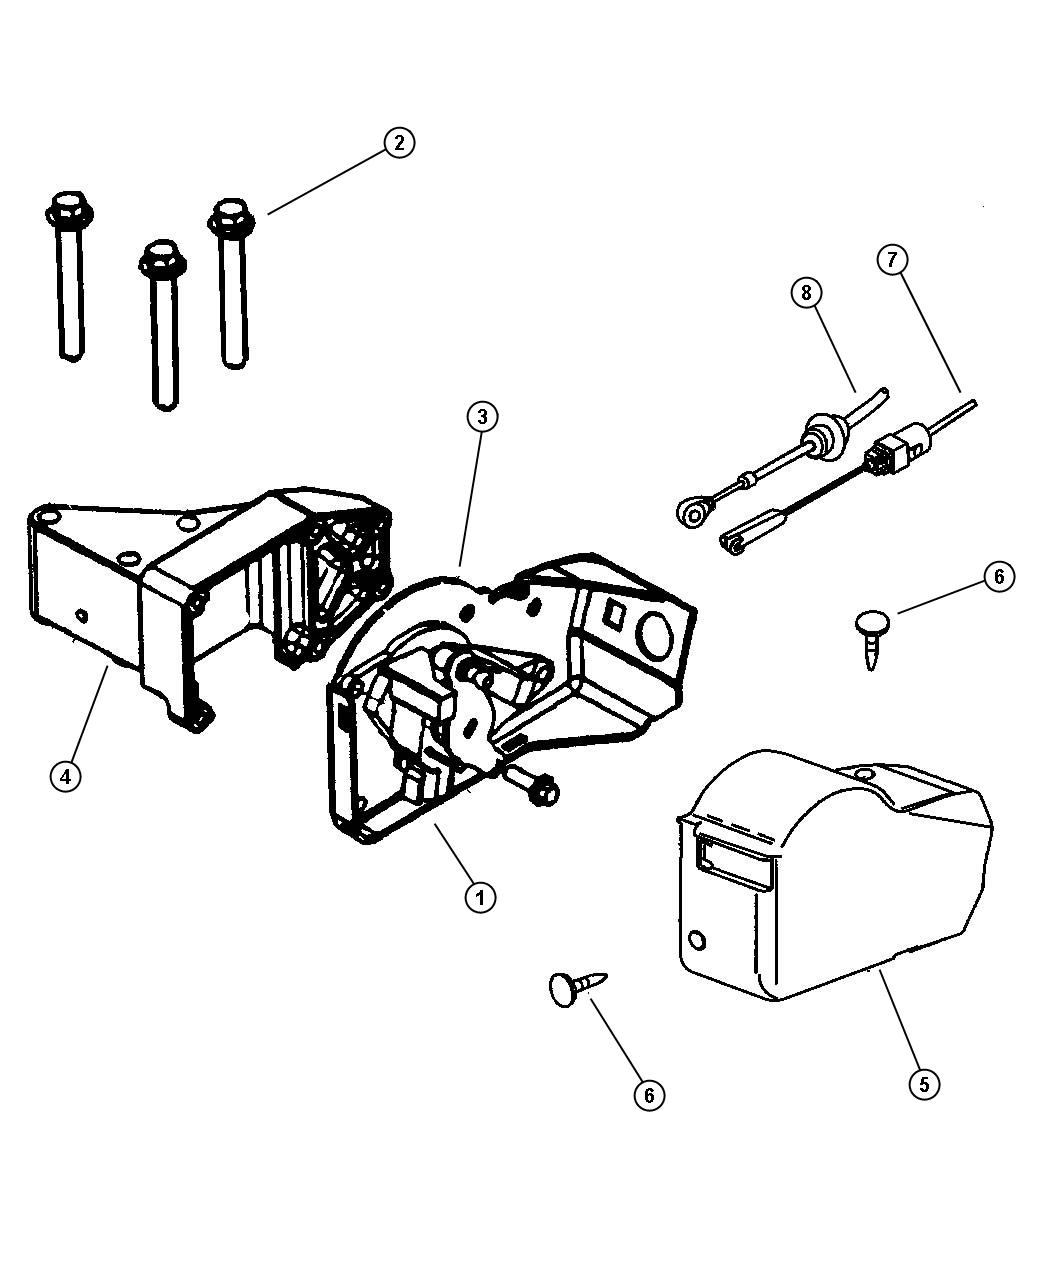 Dodge Ram 2500 Cable. Accelerator. Controls, throttle, fca